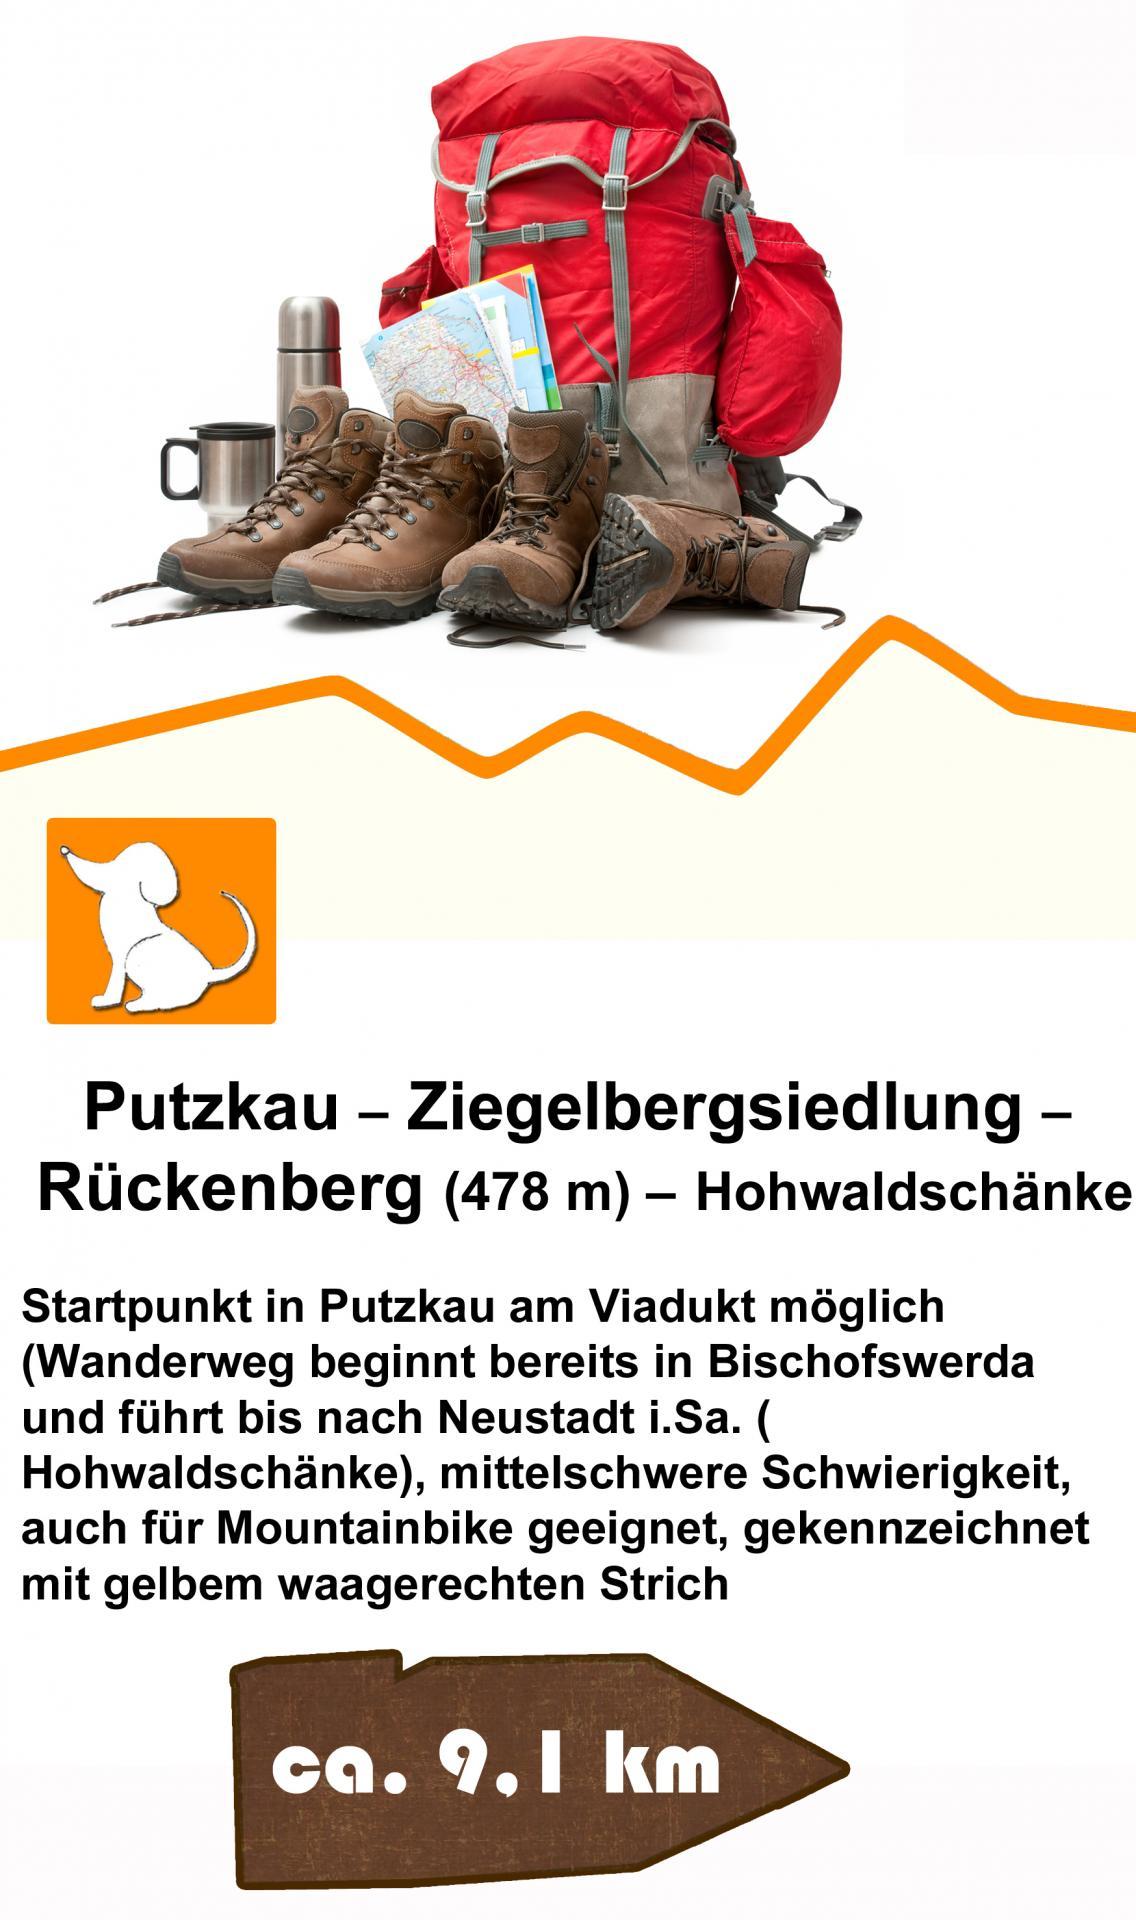 Putzkau-Ziegelberg- Rückenberg